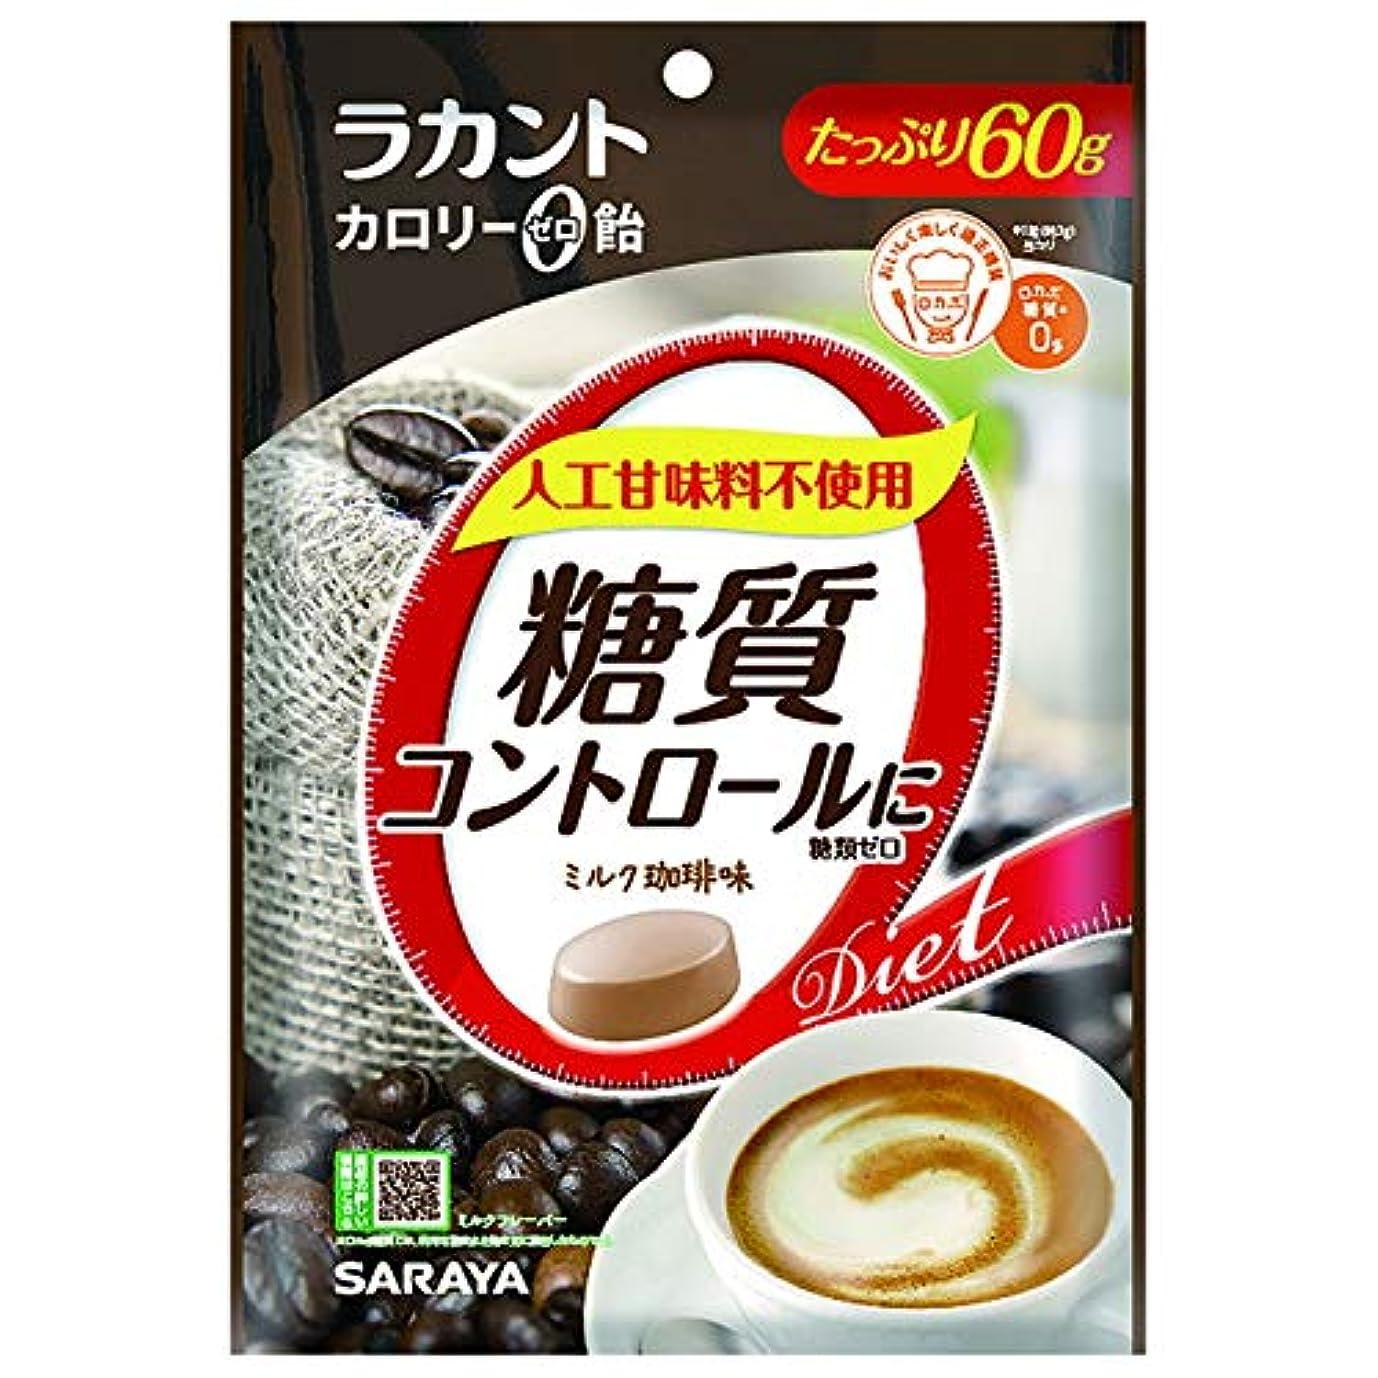 見せますラジウム上下するラカント カロリーゼロ飴 ミルク珈琲 60g【3個セット】